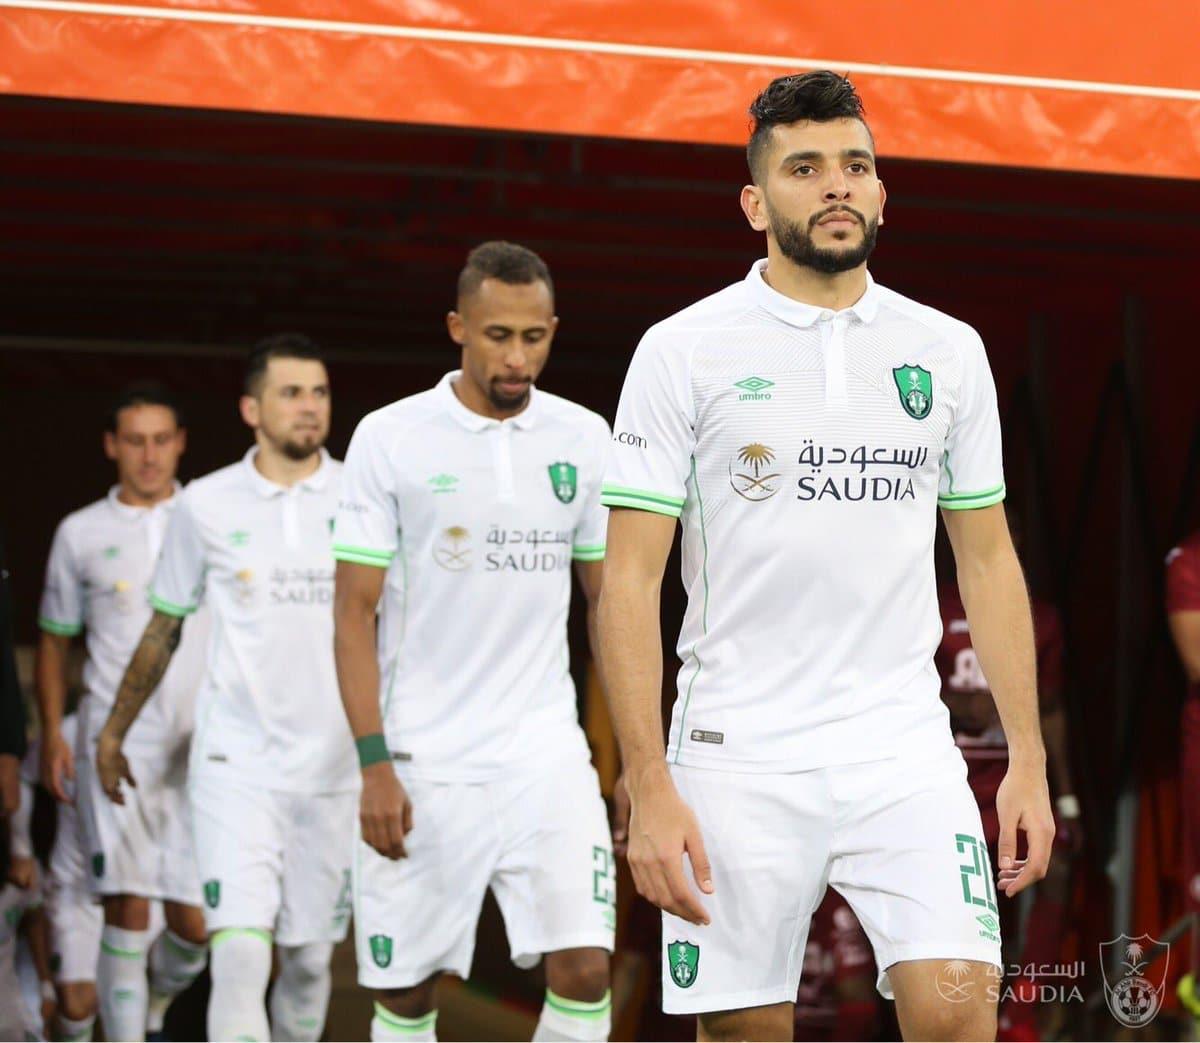 موعد مباراة الأهلي السعودي والتعاون القادمة